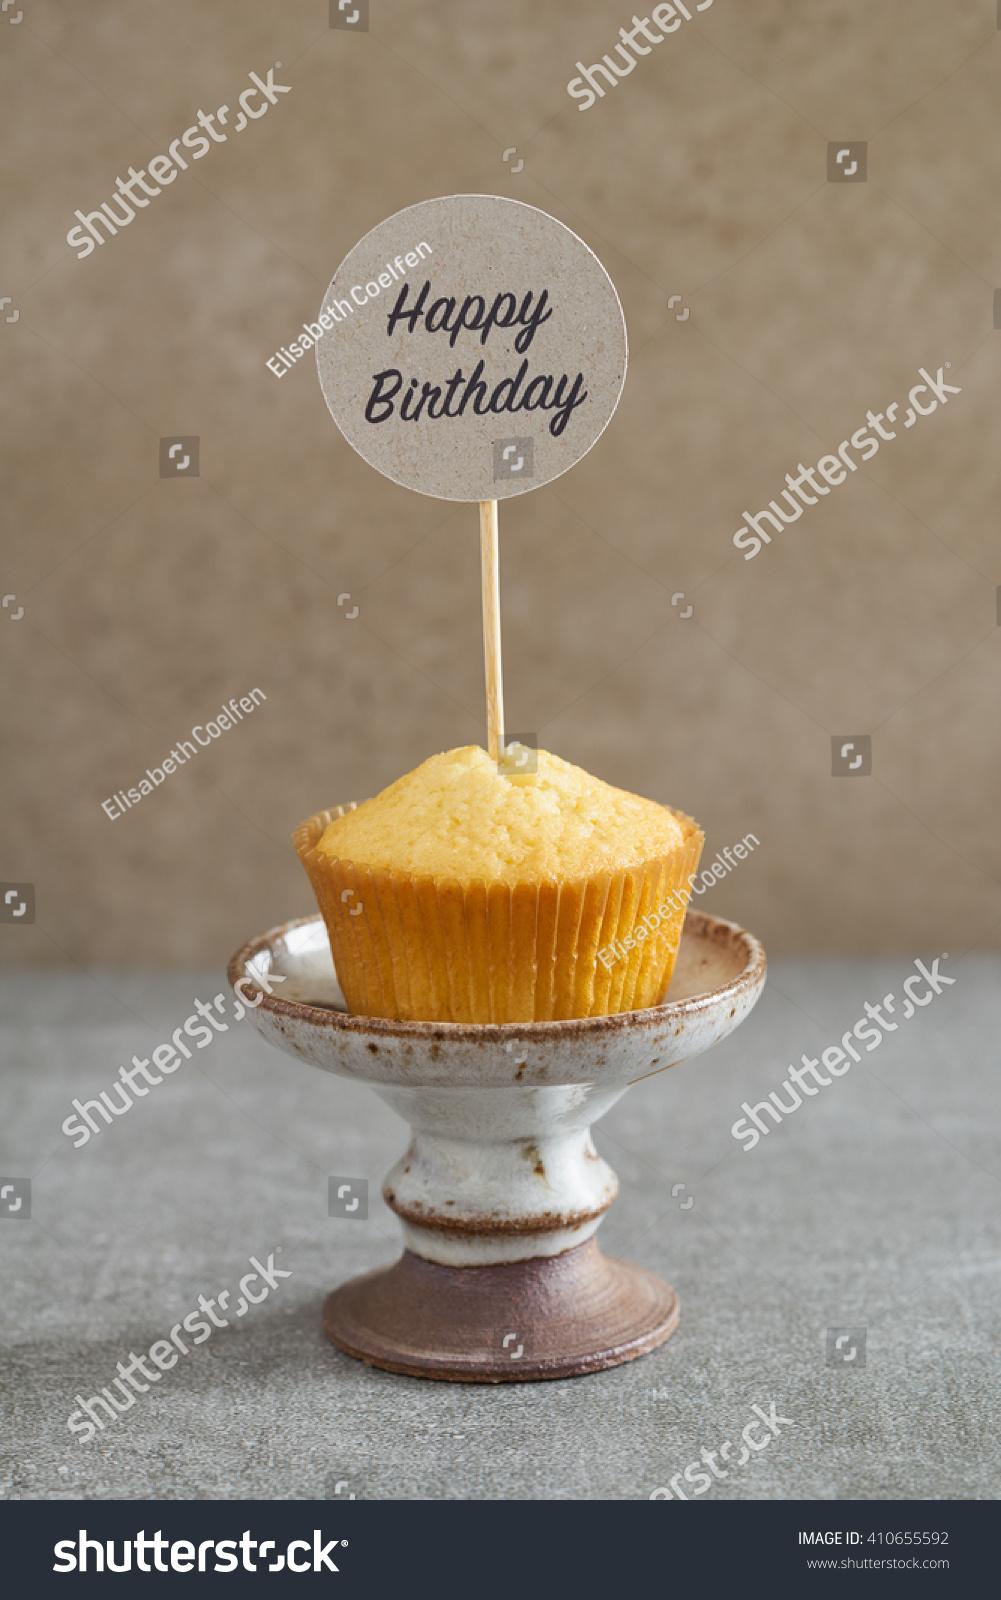 Homemade Vanilla Cupcake Handcrafted Birthday Cake Stock Photo Edit